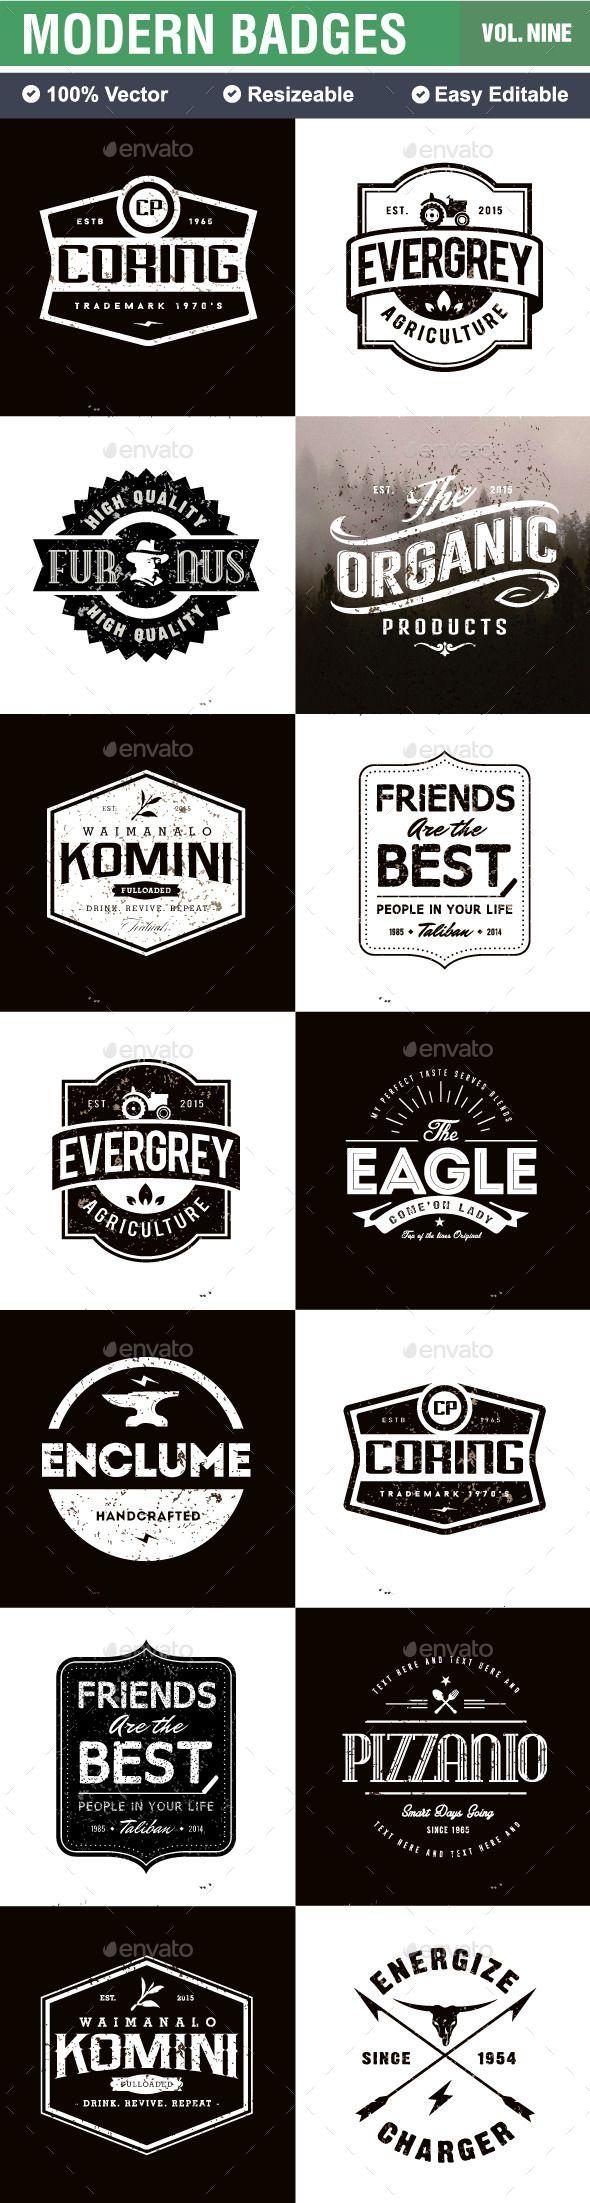 Badges and Logo | #badges #logo | Download: http://graphicriver.net/item/badges-and-logo/10449915?ref=ksioks